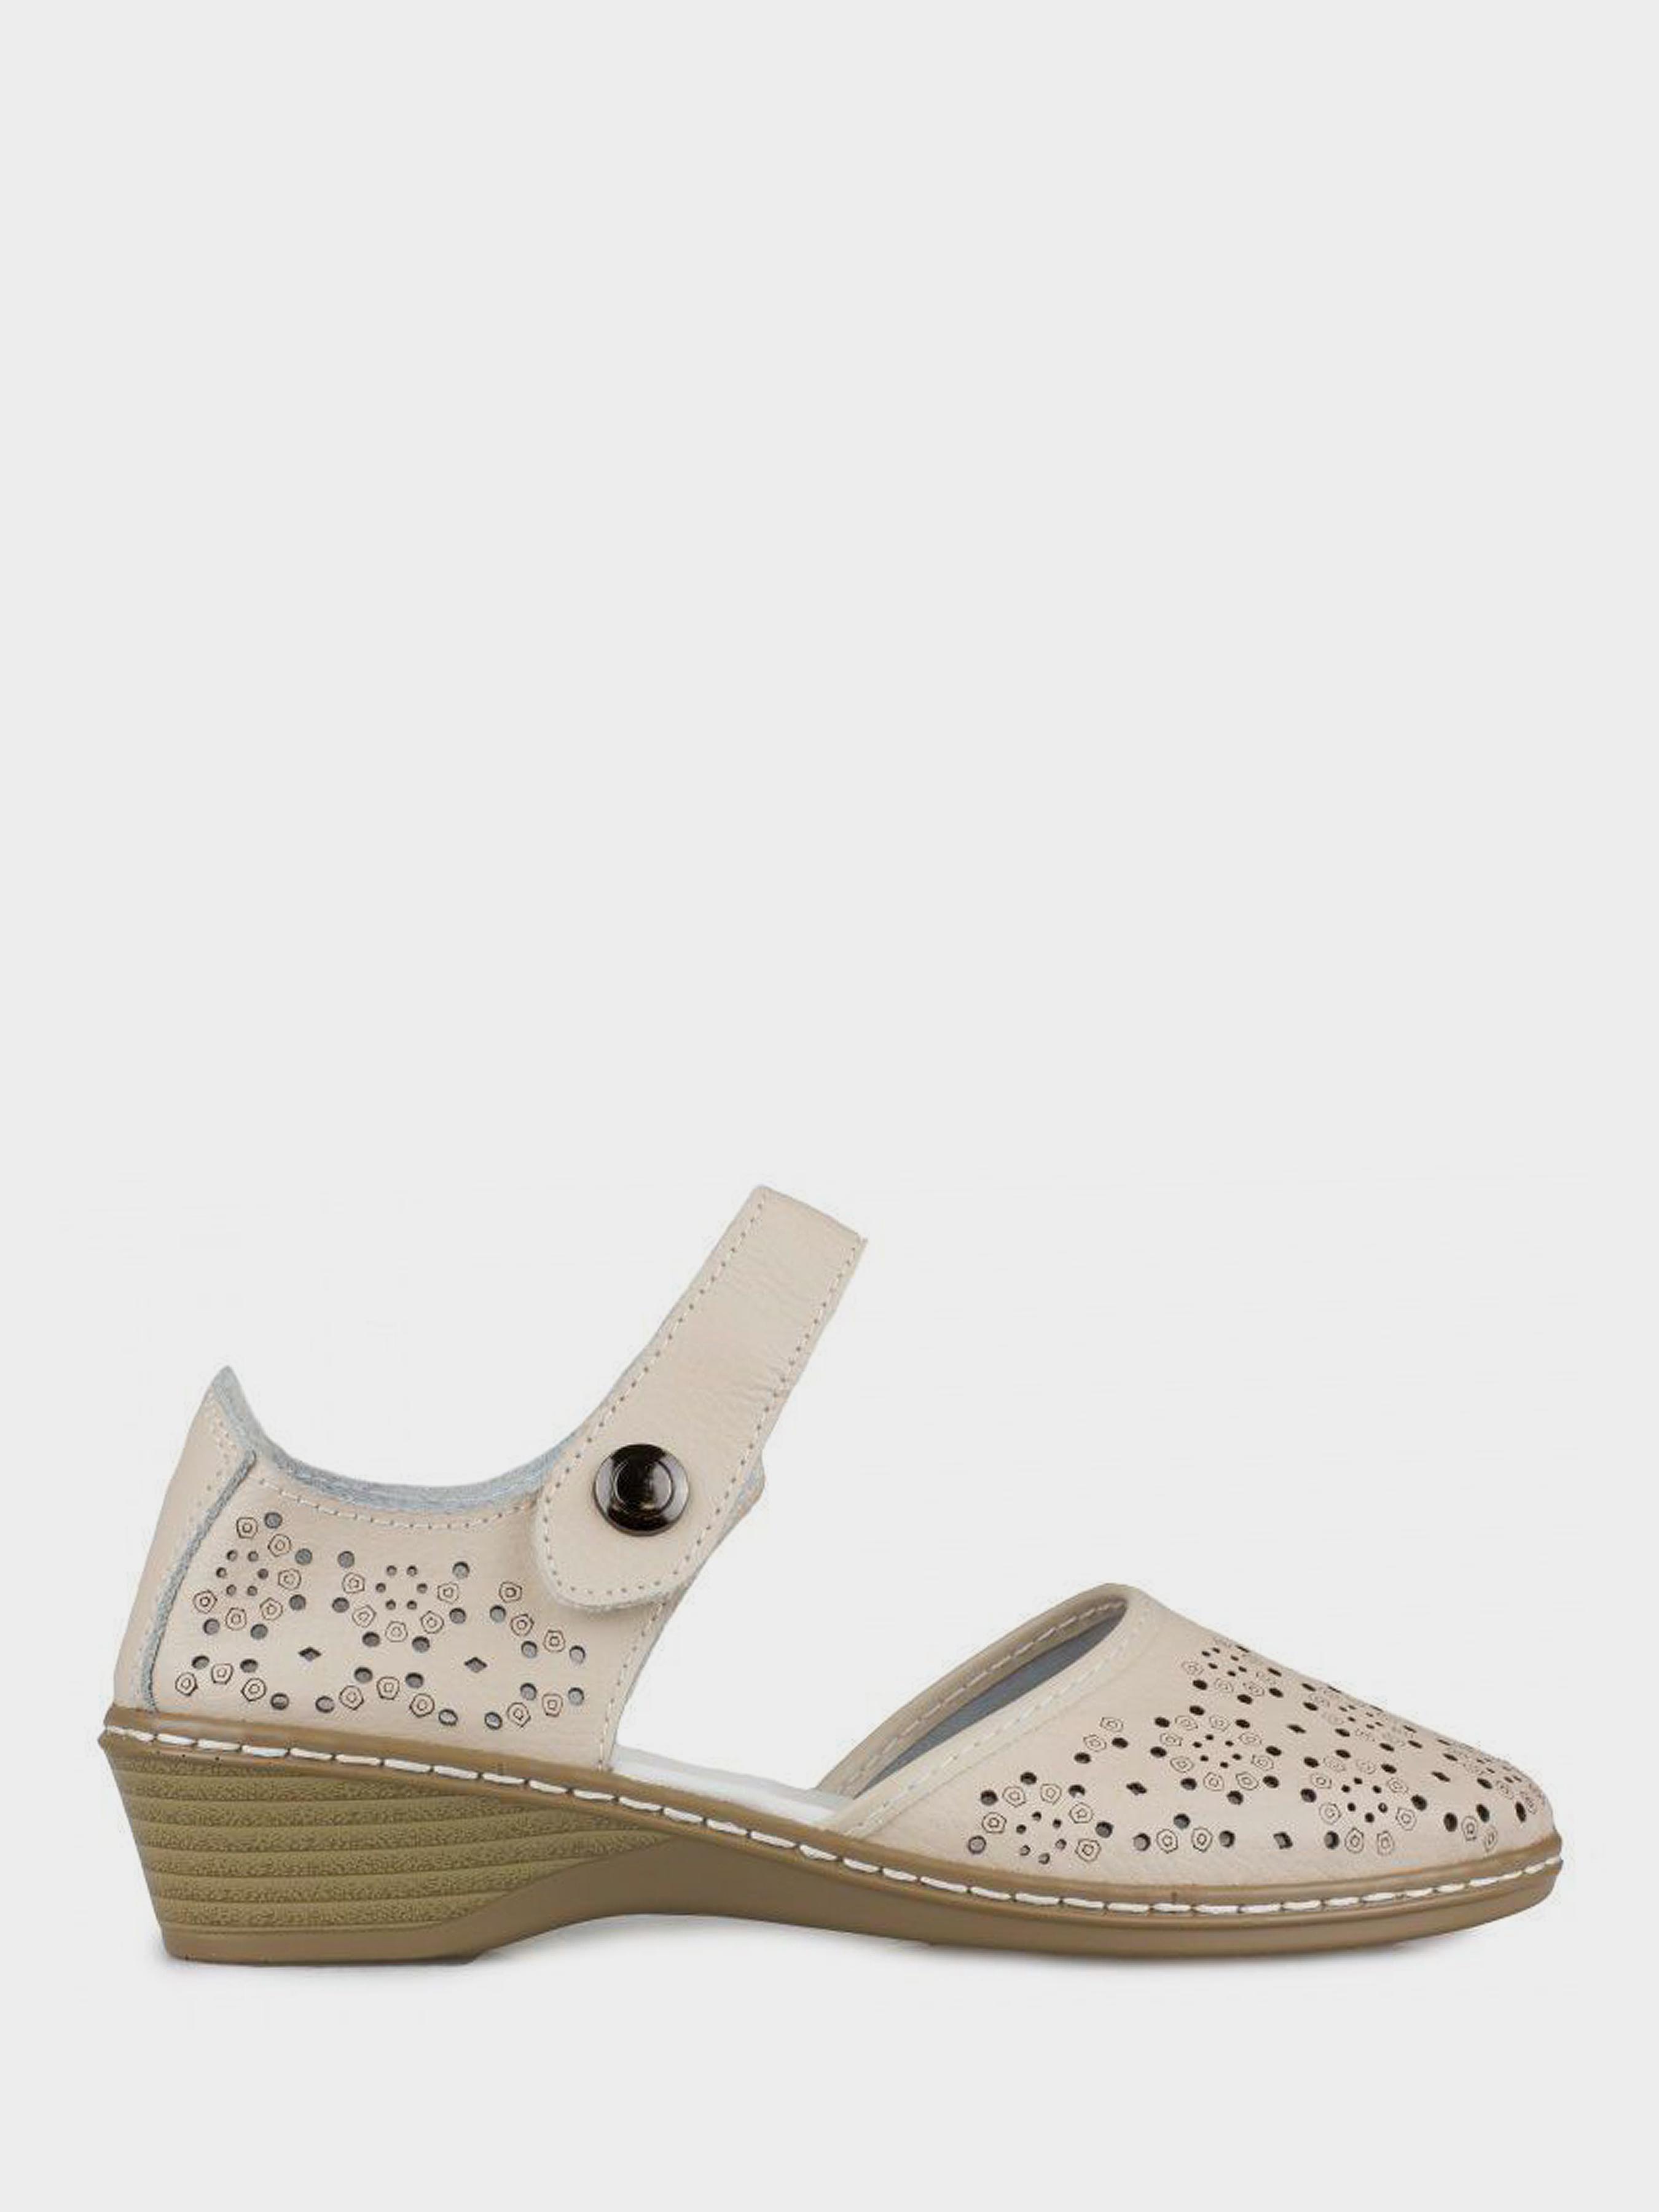 Босоножки для женщин Gunter GR149 размерная сетка обуви, 2017